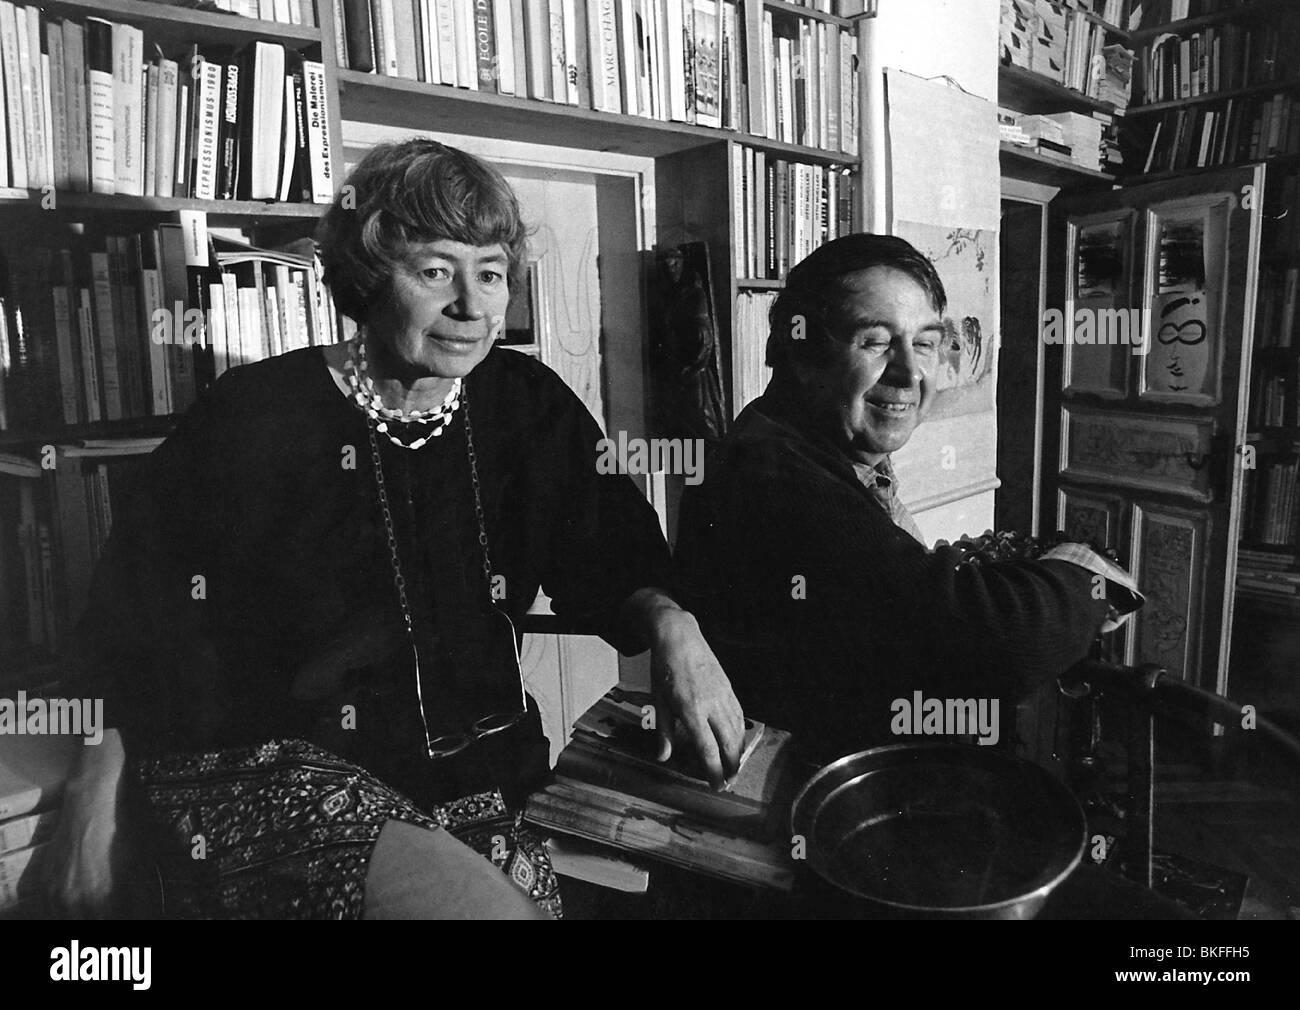 Buchheim Lothar Guenther 6 2 1918 22 2 2007 Deutscher Autor Schriftsteller Maler Halbe Lange Mit Seiner Frau 1970er Jahre Stockfotografie Alamy